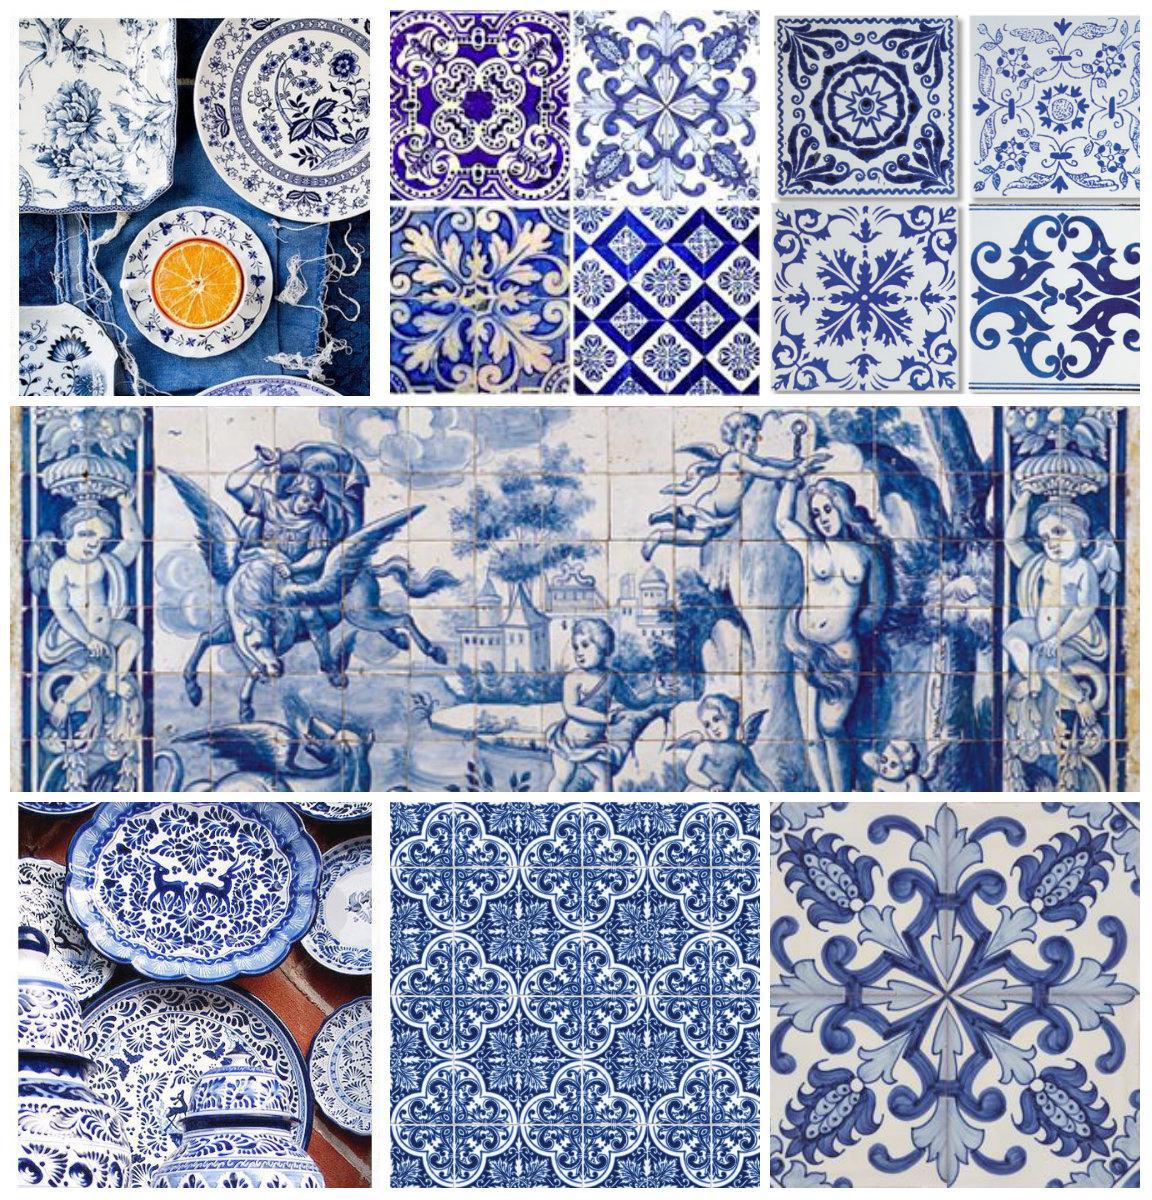 Azulejo portugu s candidato a patrim nio da humanidade for Azulejos de portugal